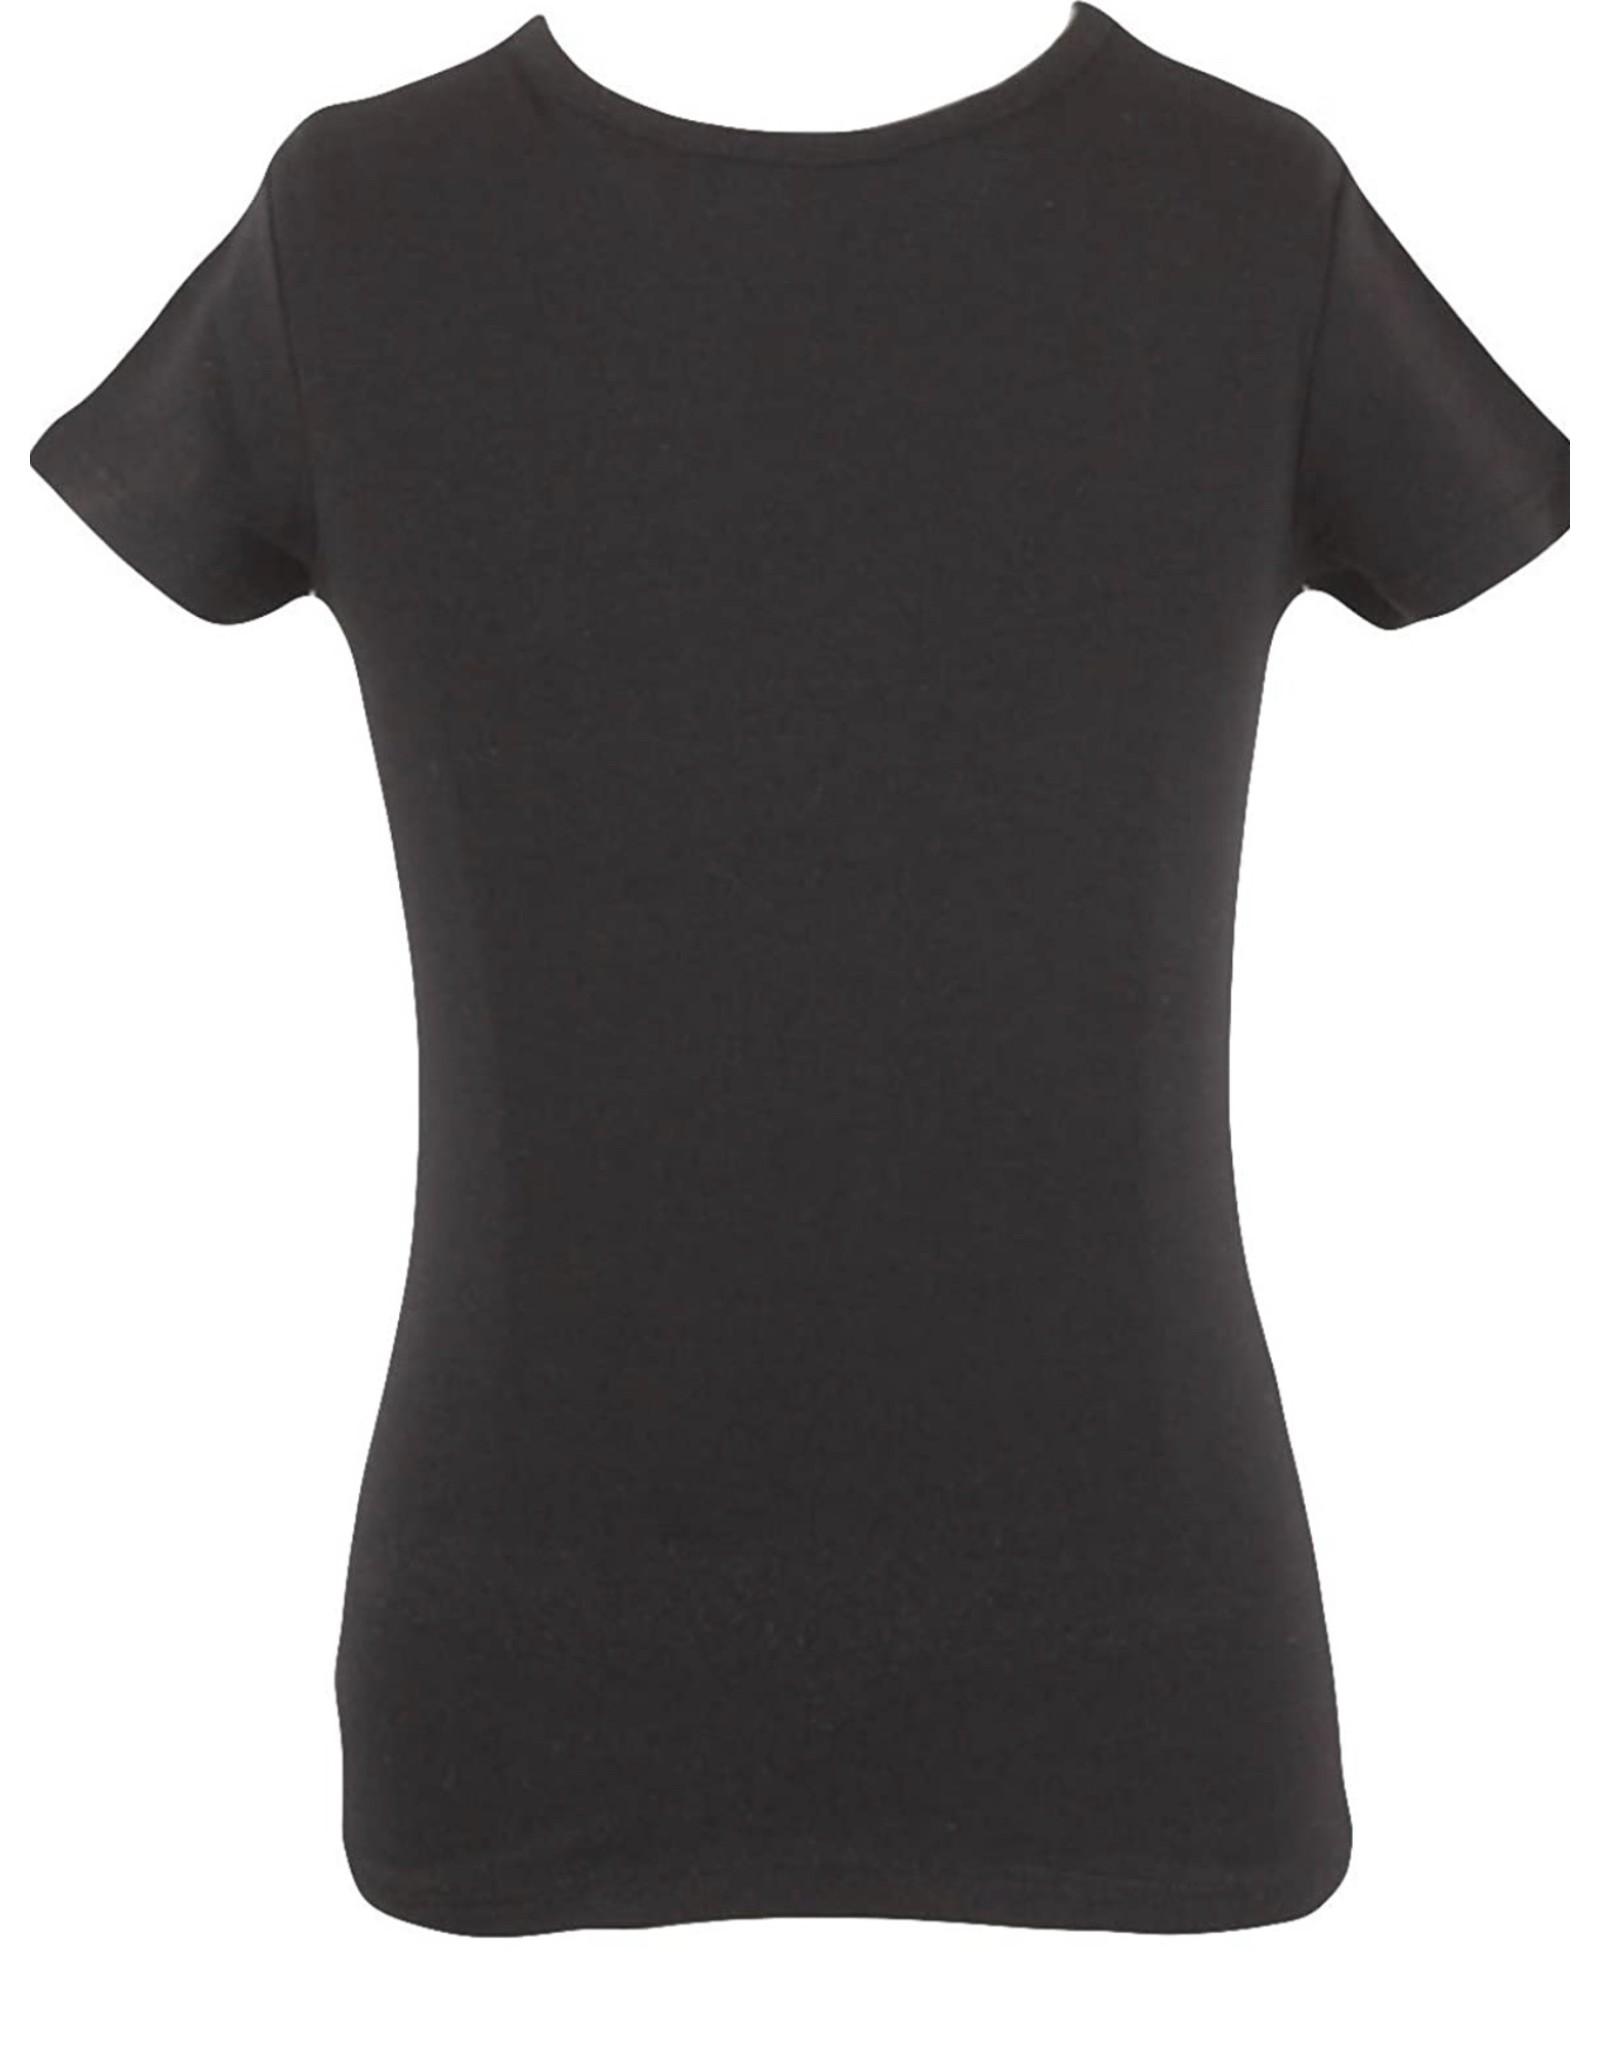 Kiki Riki Kiki Riki Girls Shorts Sleeve Cotton Shell 18727